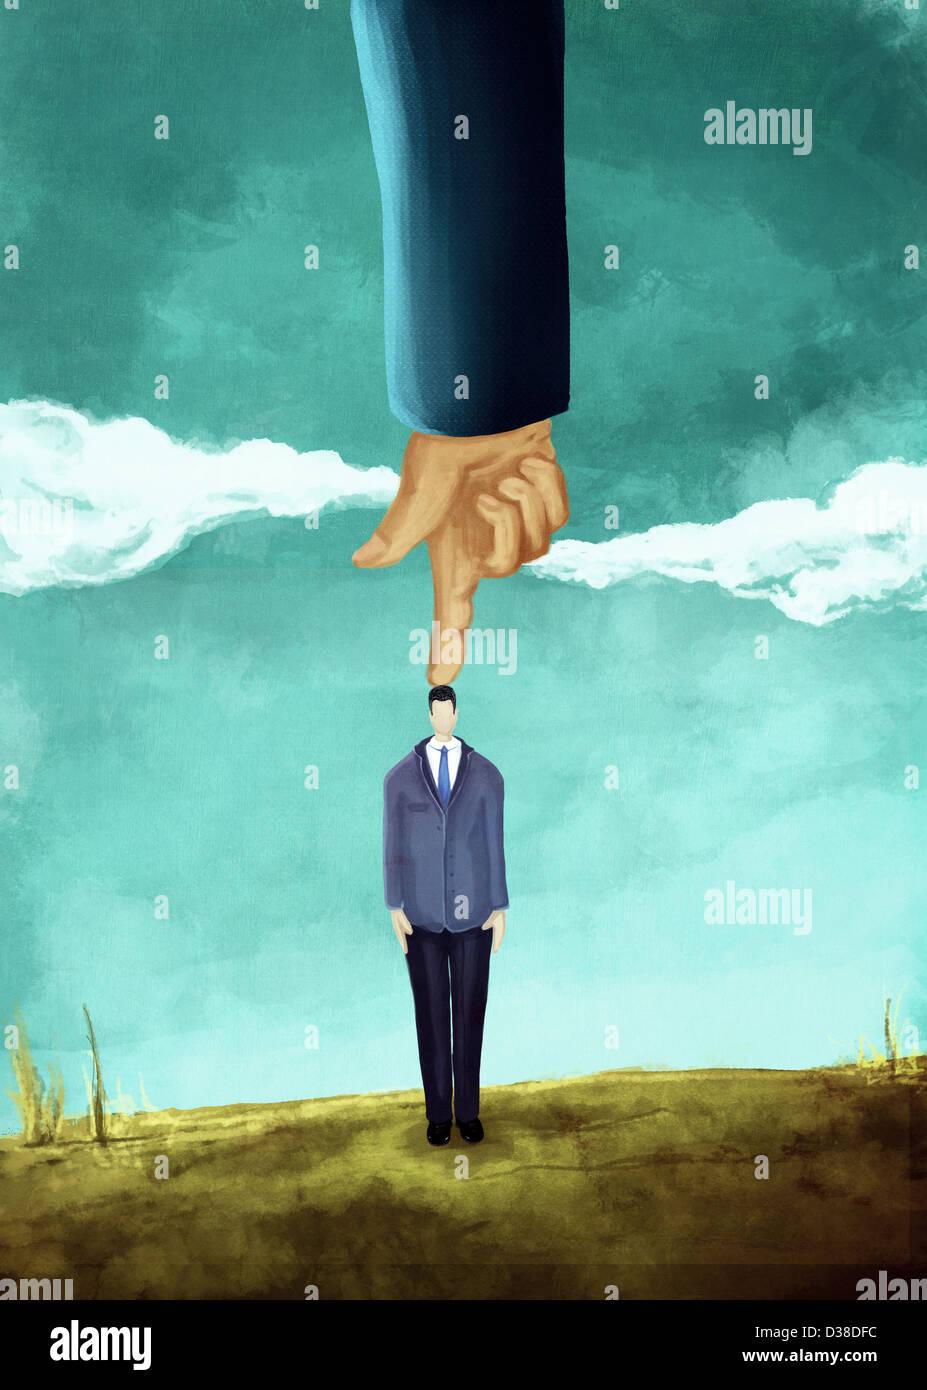 Imagen ilustrativa de la mano apuntando a la cabeza del empresario que representa la dominación Imagen De Stock